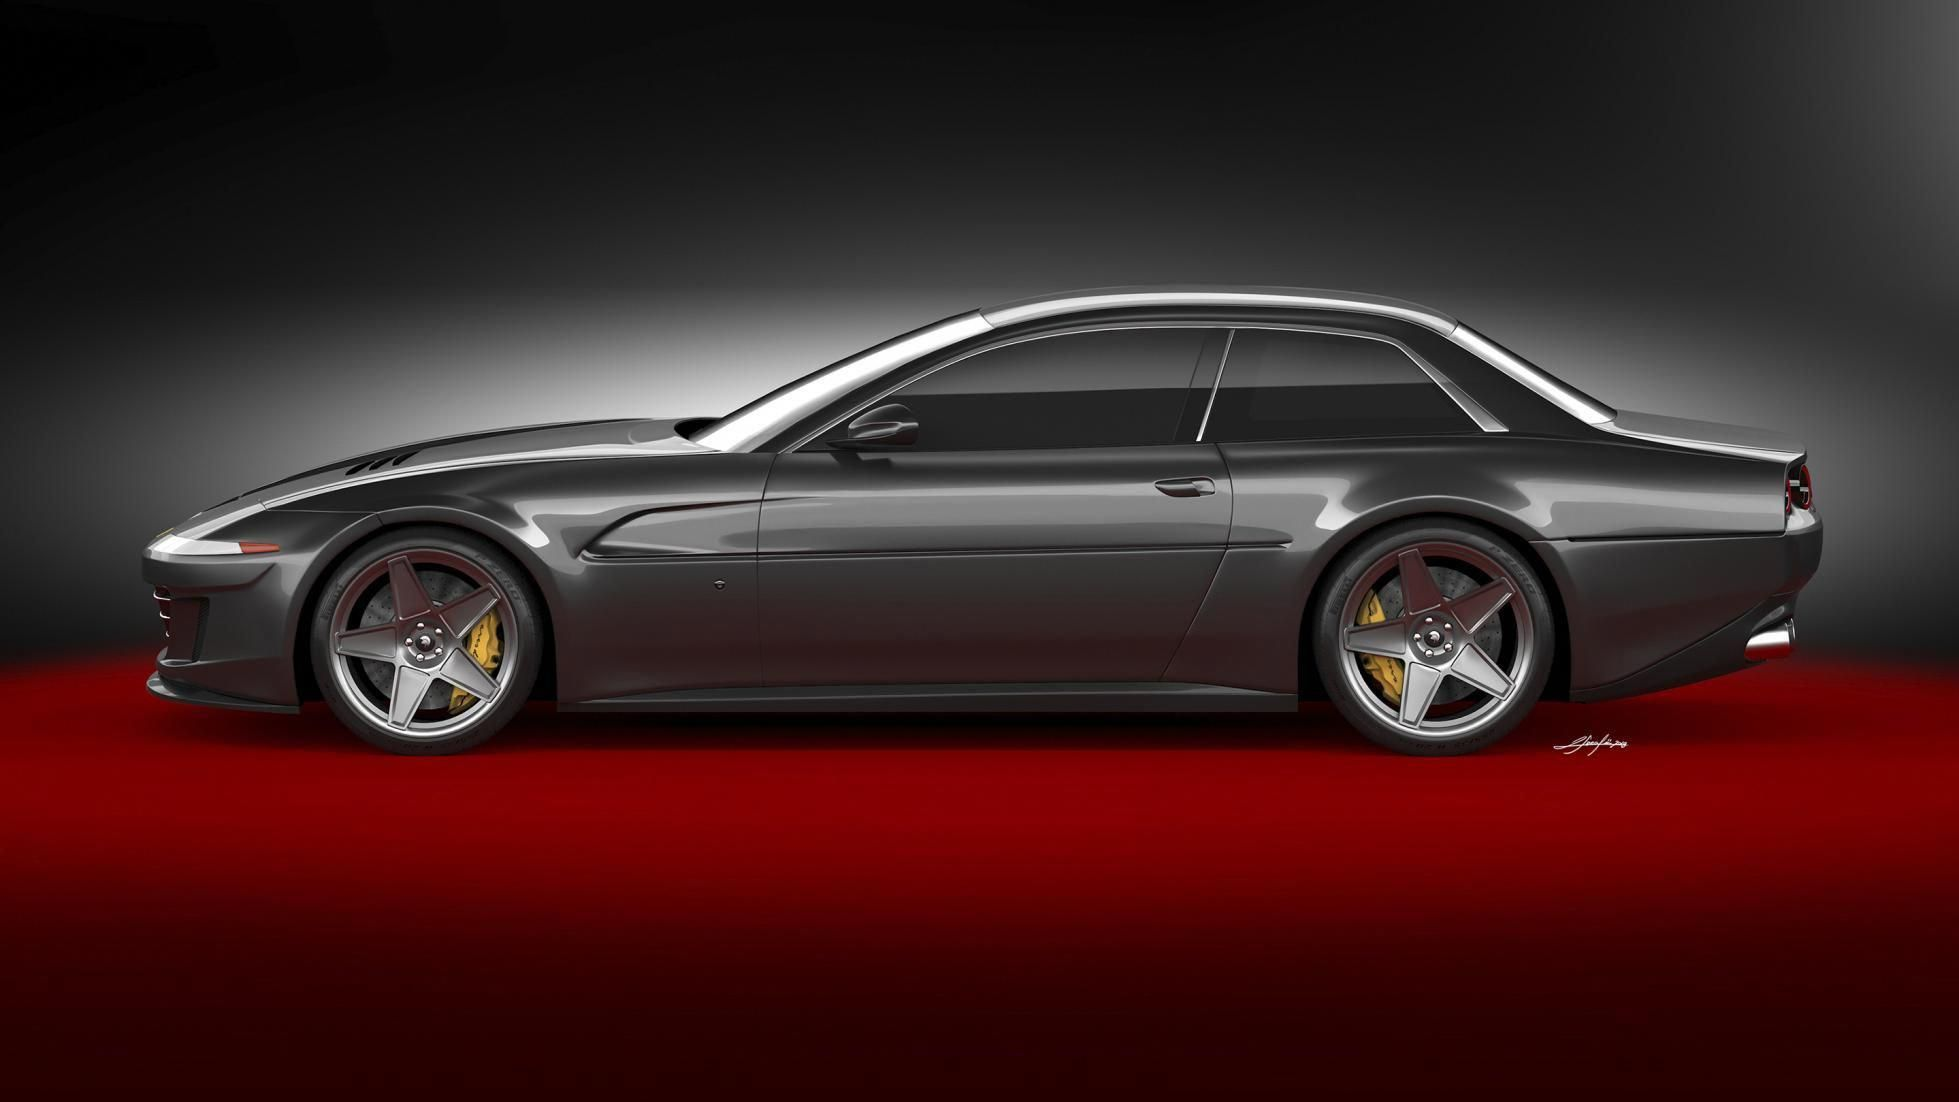 You can now make a retro Ferrari 400 from a GTC4Lusso   Top Gear #LamborghiniClassicCars #ferrarif80 You can now make a retro Ferrari 400 from a GTC4Lusso   Top Gear #LamborghiniClassicCars #ferrarif80